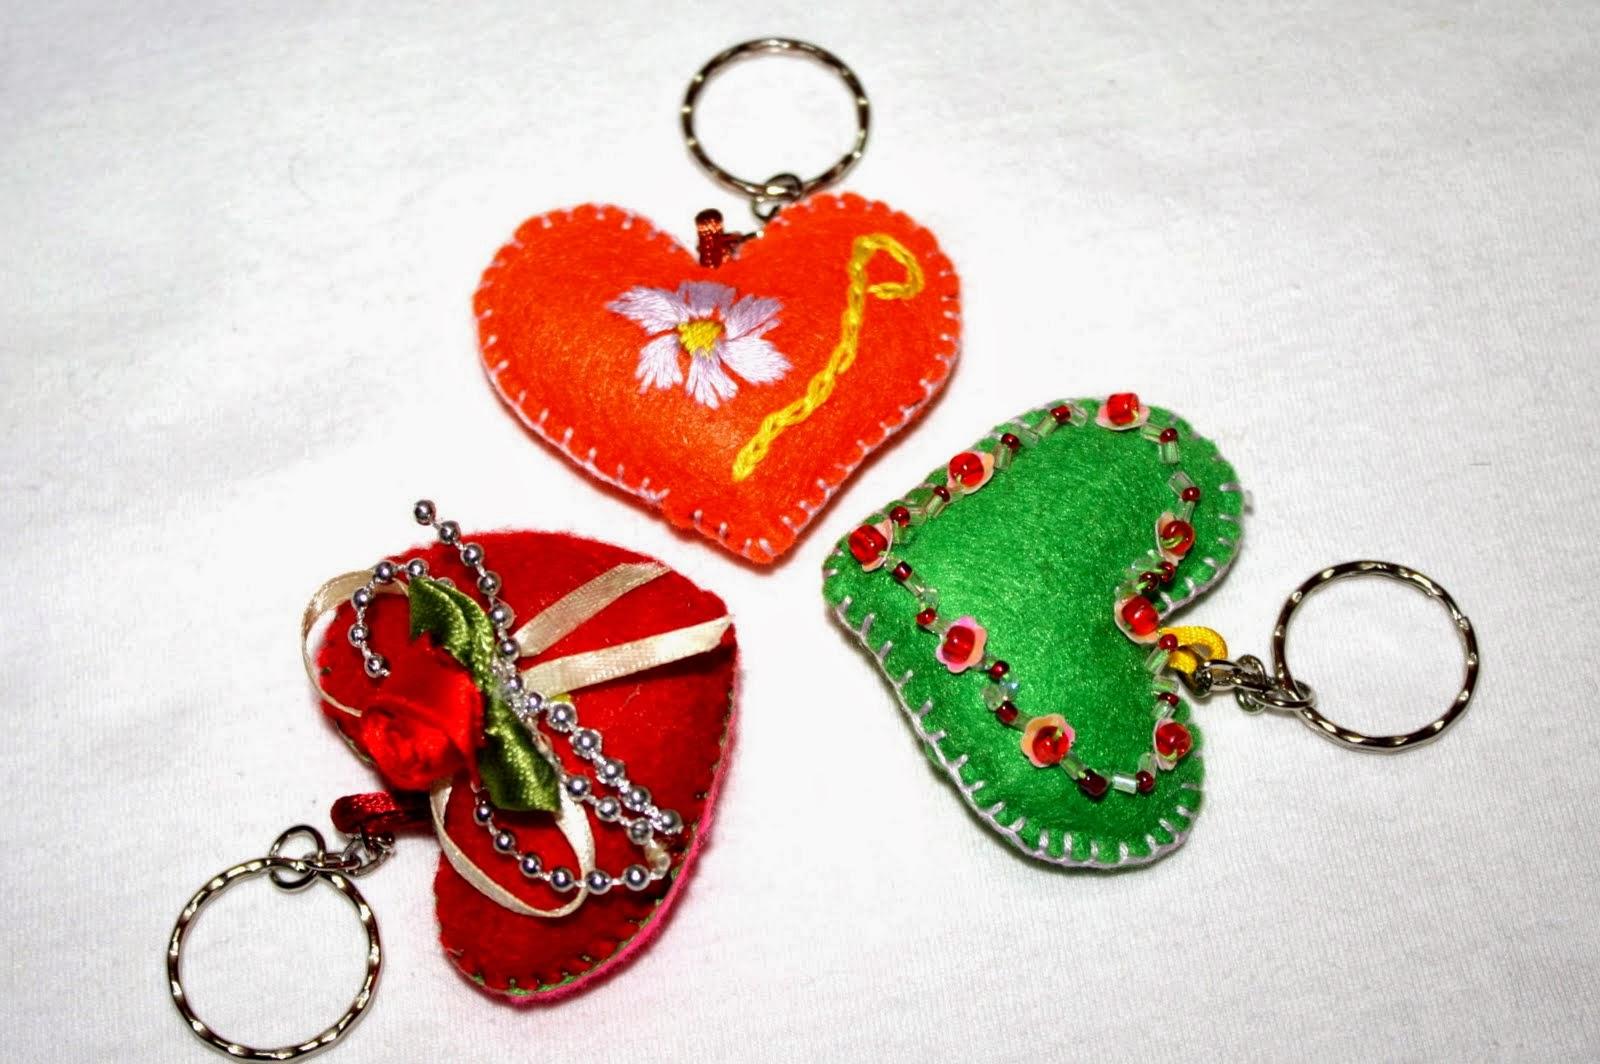 http://senikrafmanik.blogspot.com/2011/04/pelbagai-keychain-dari-kain-felt.html